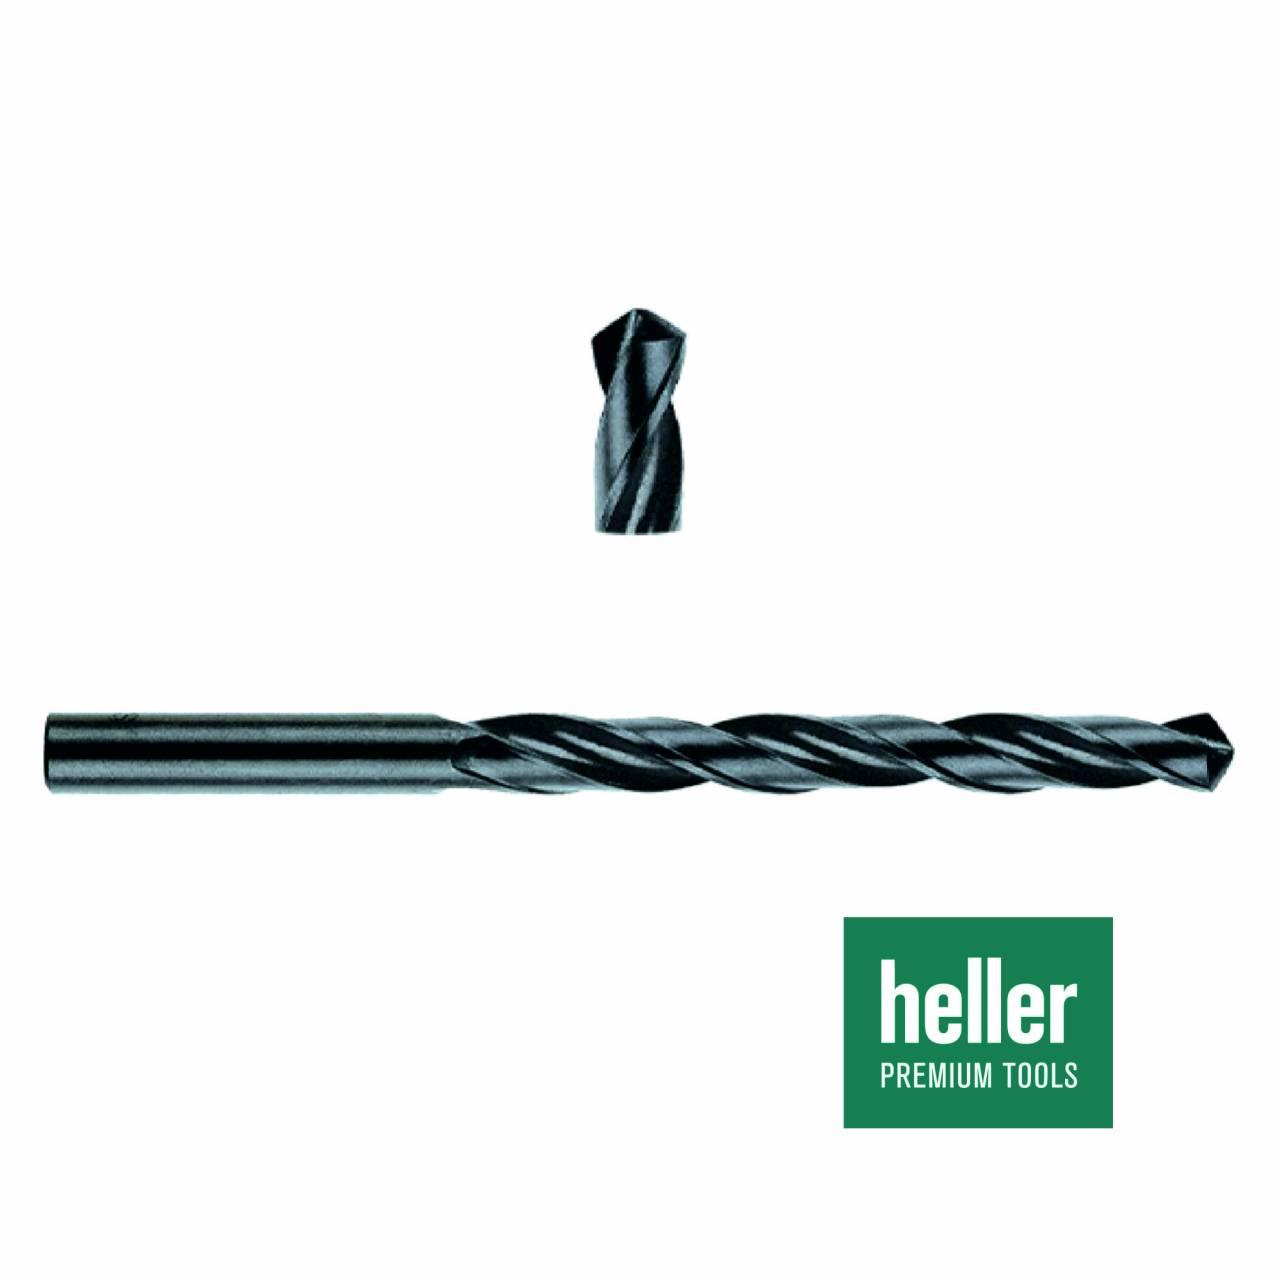 Stahlbohrer HSS-R 'Heller®' Ø 4,8 x 52 x 86 mm / Pck a 2 Stück